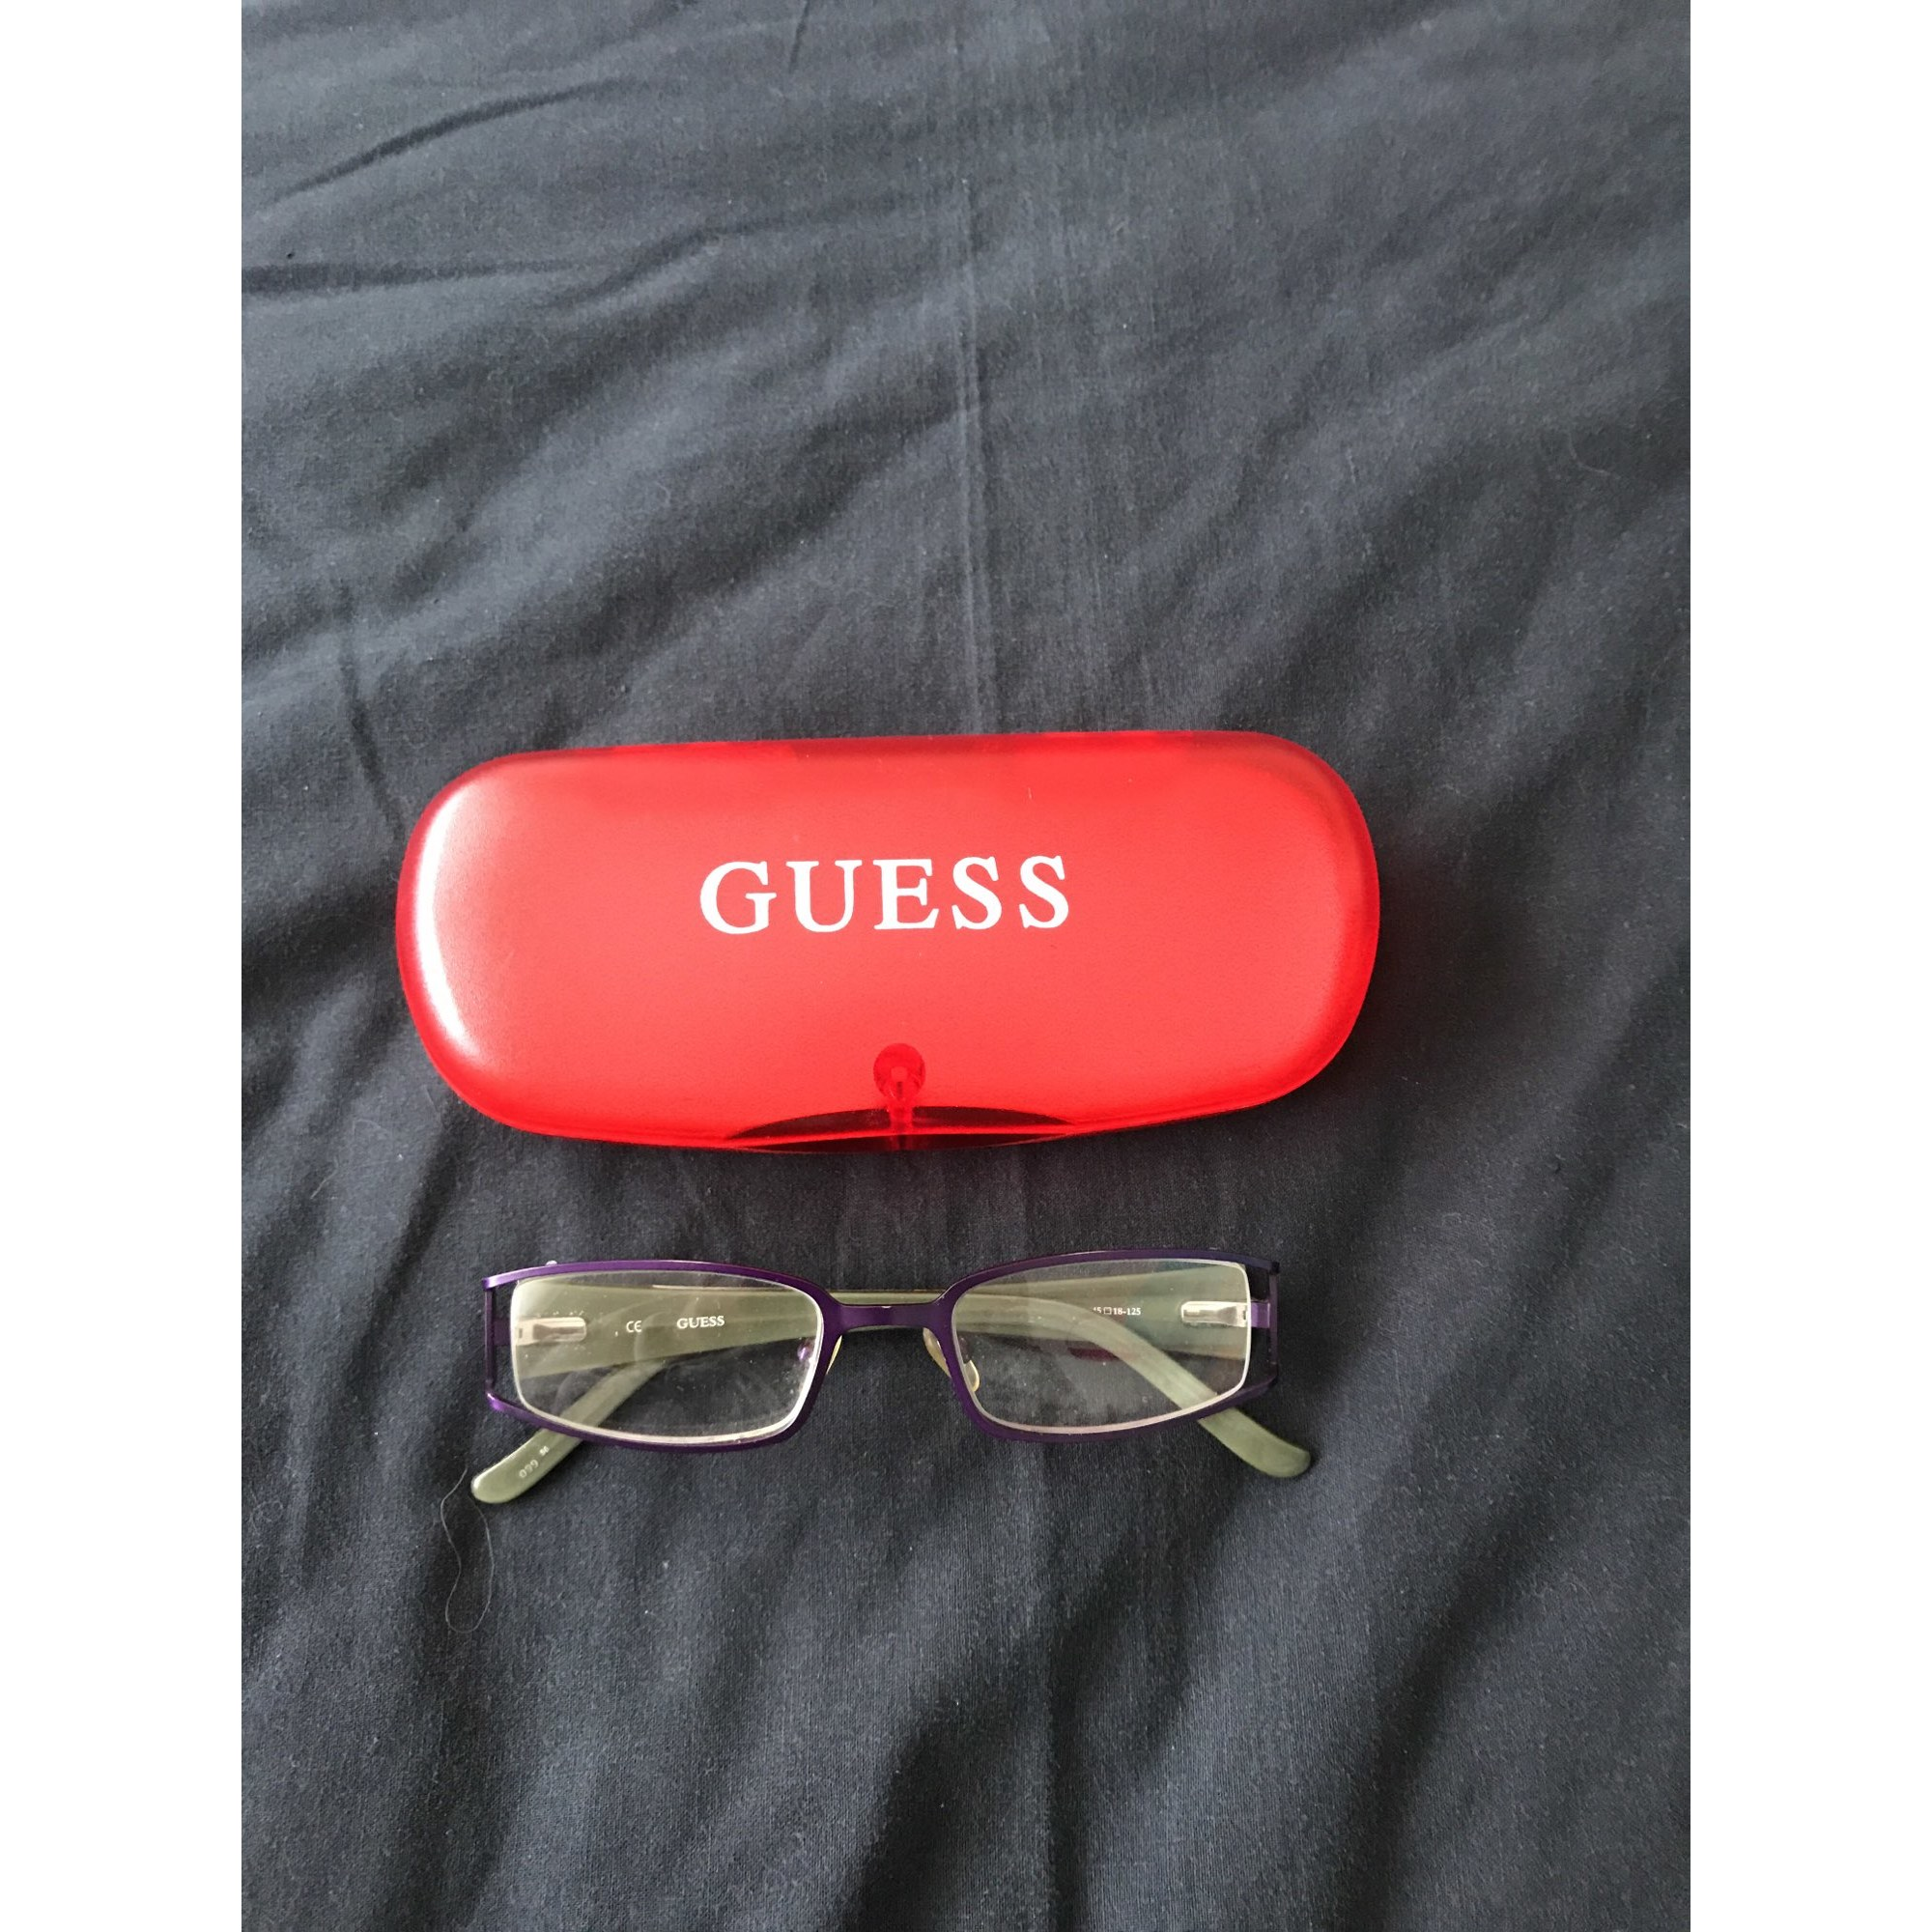 53874d1f95ebcb Monture de lunettes GUESS 9-10 ans violet - 8188349